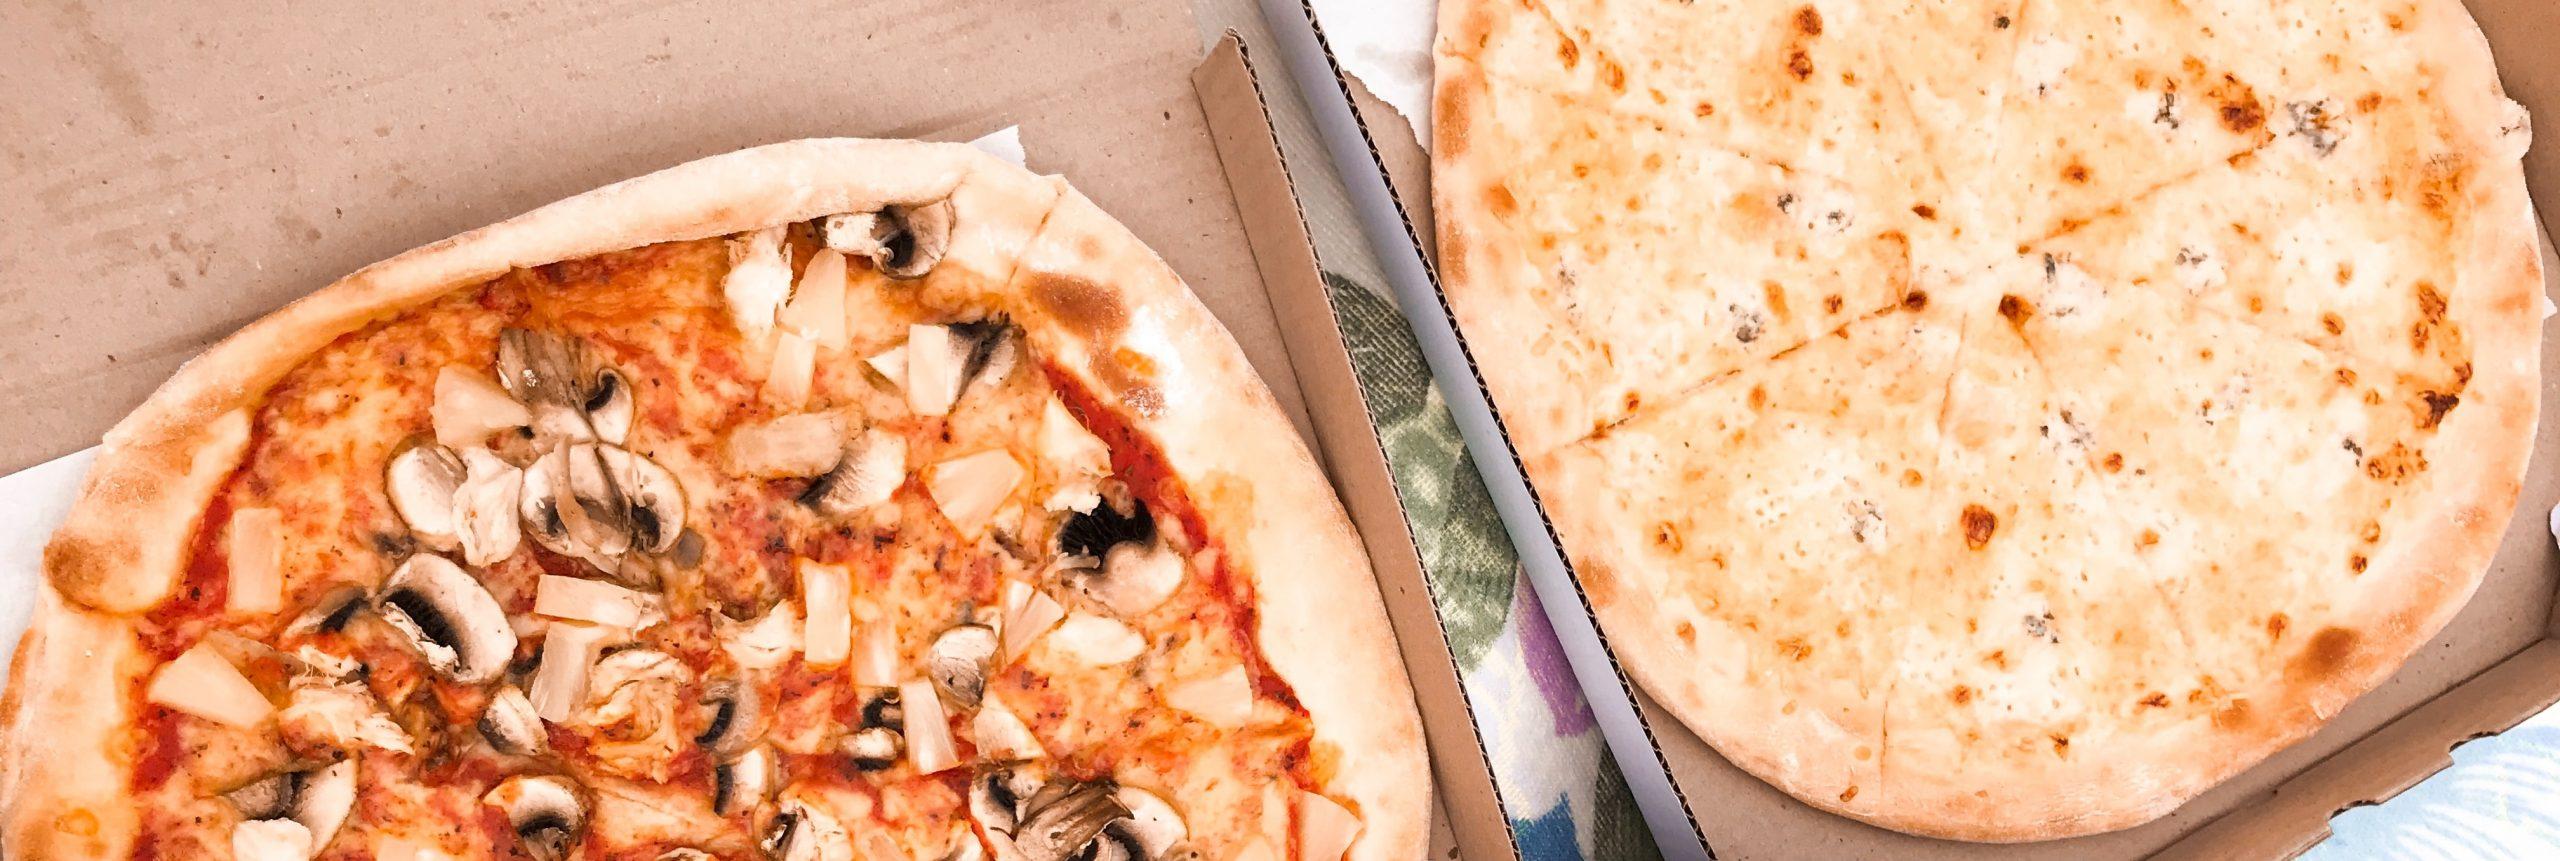 Dos cajas de pizza